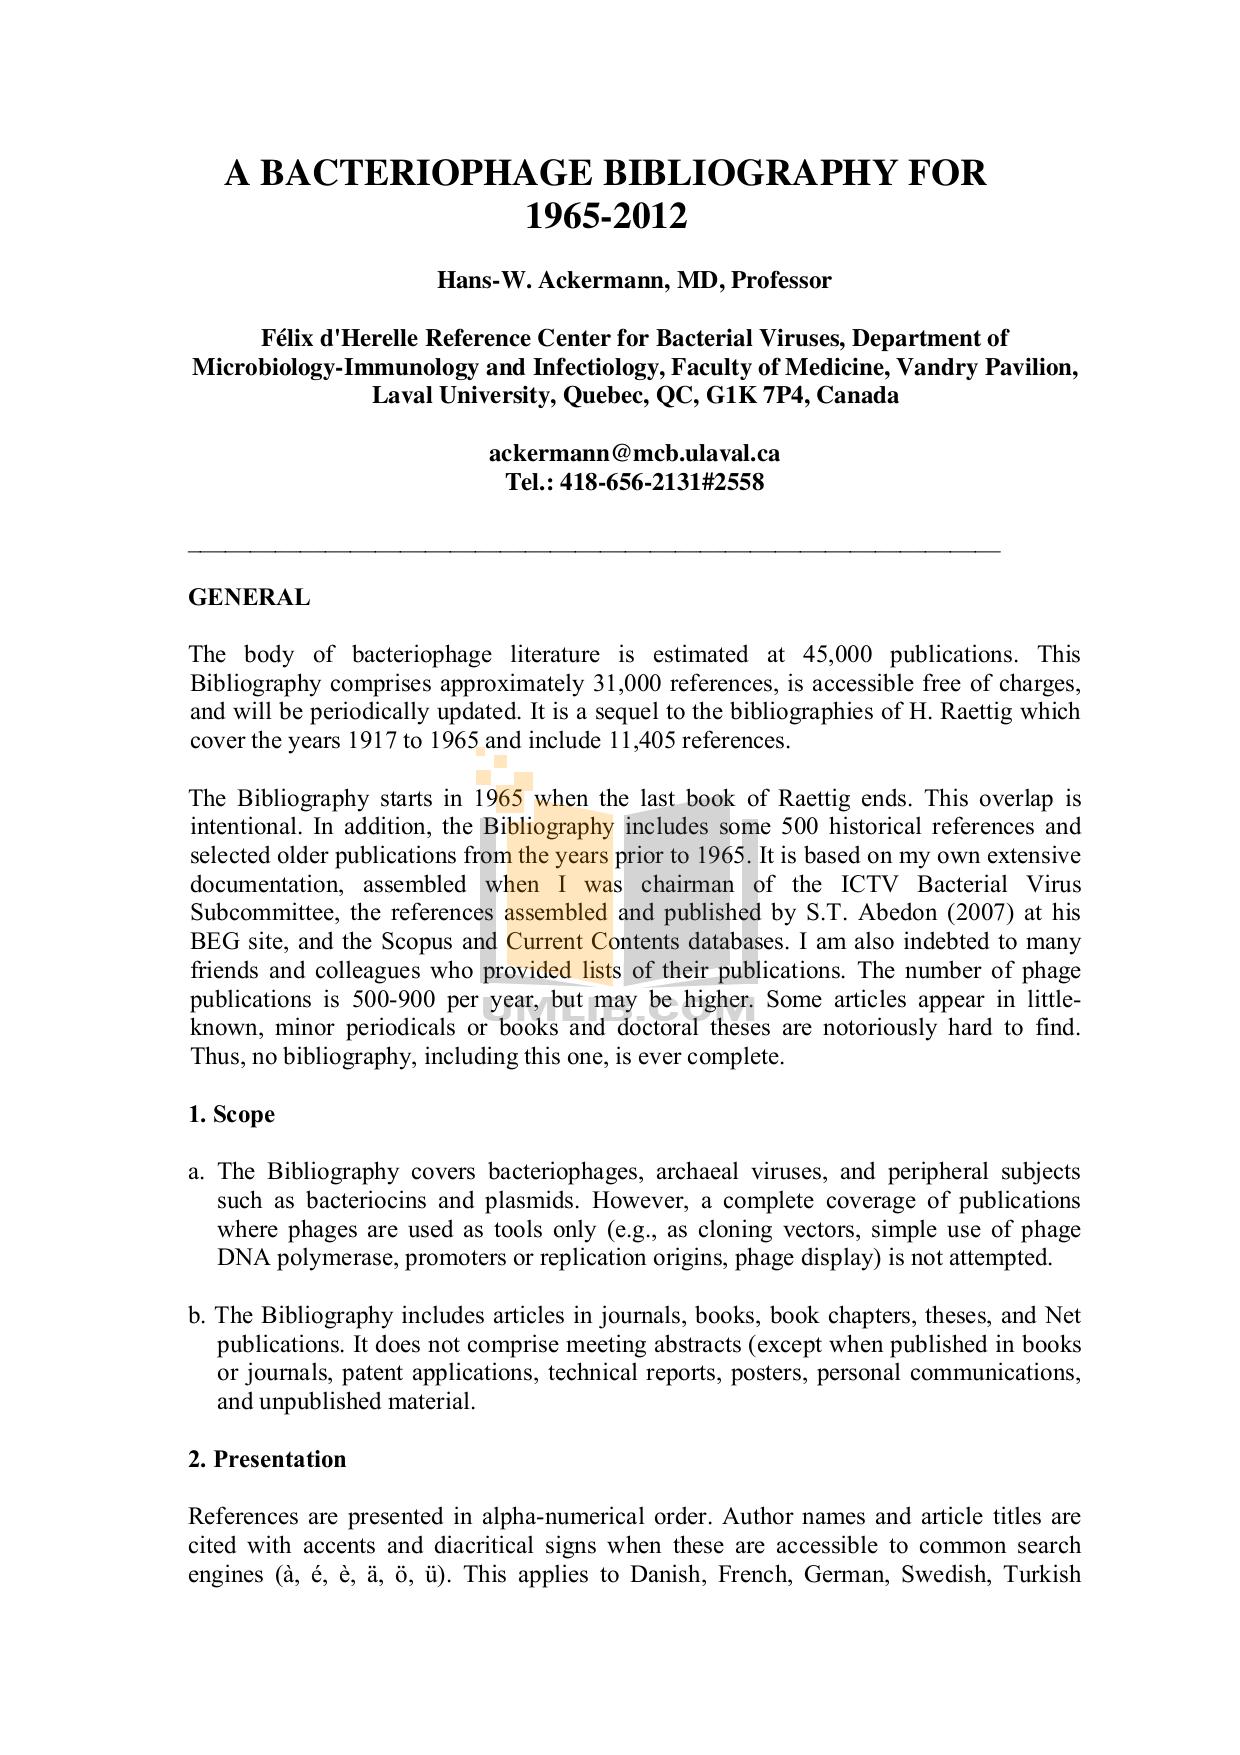 pdf for HP Laptop Pavilion DV2706 manual